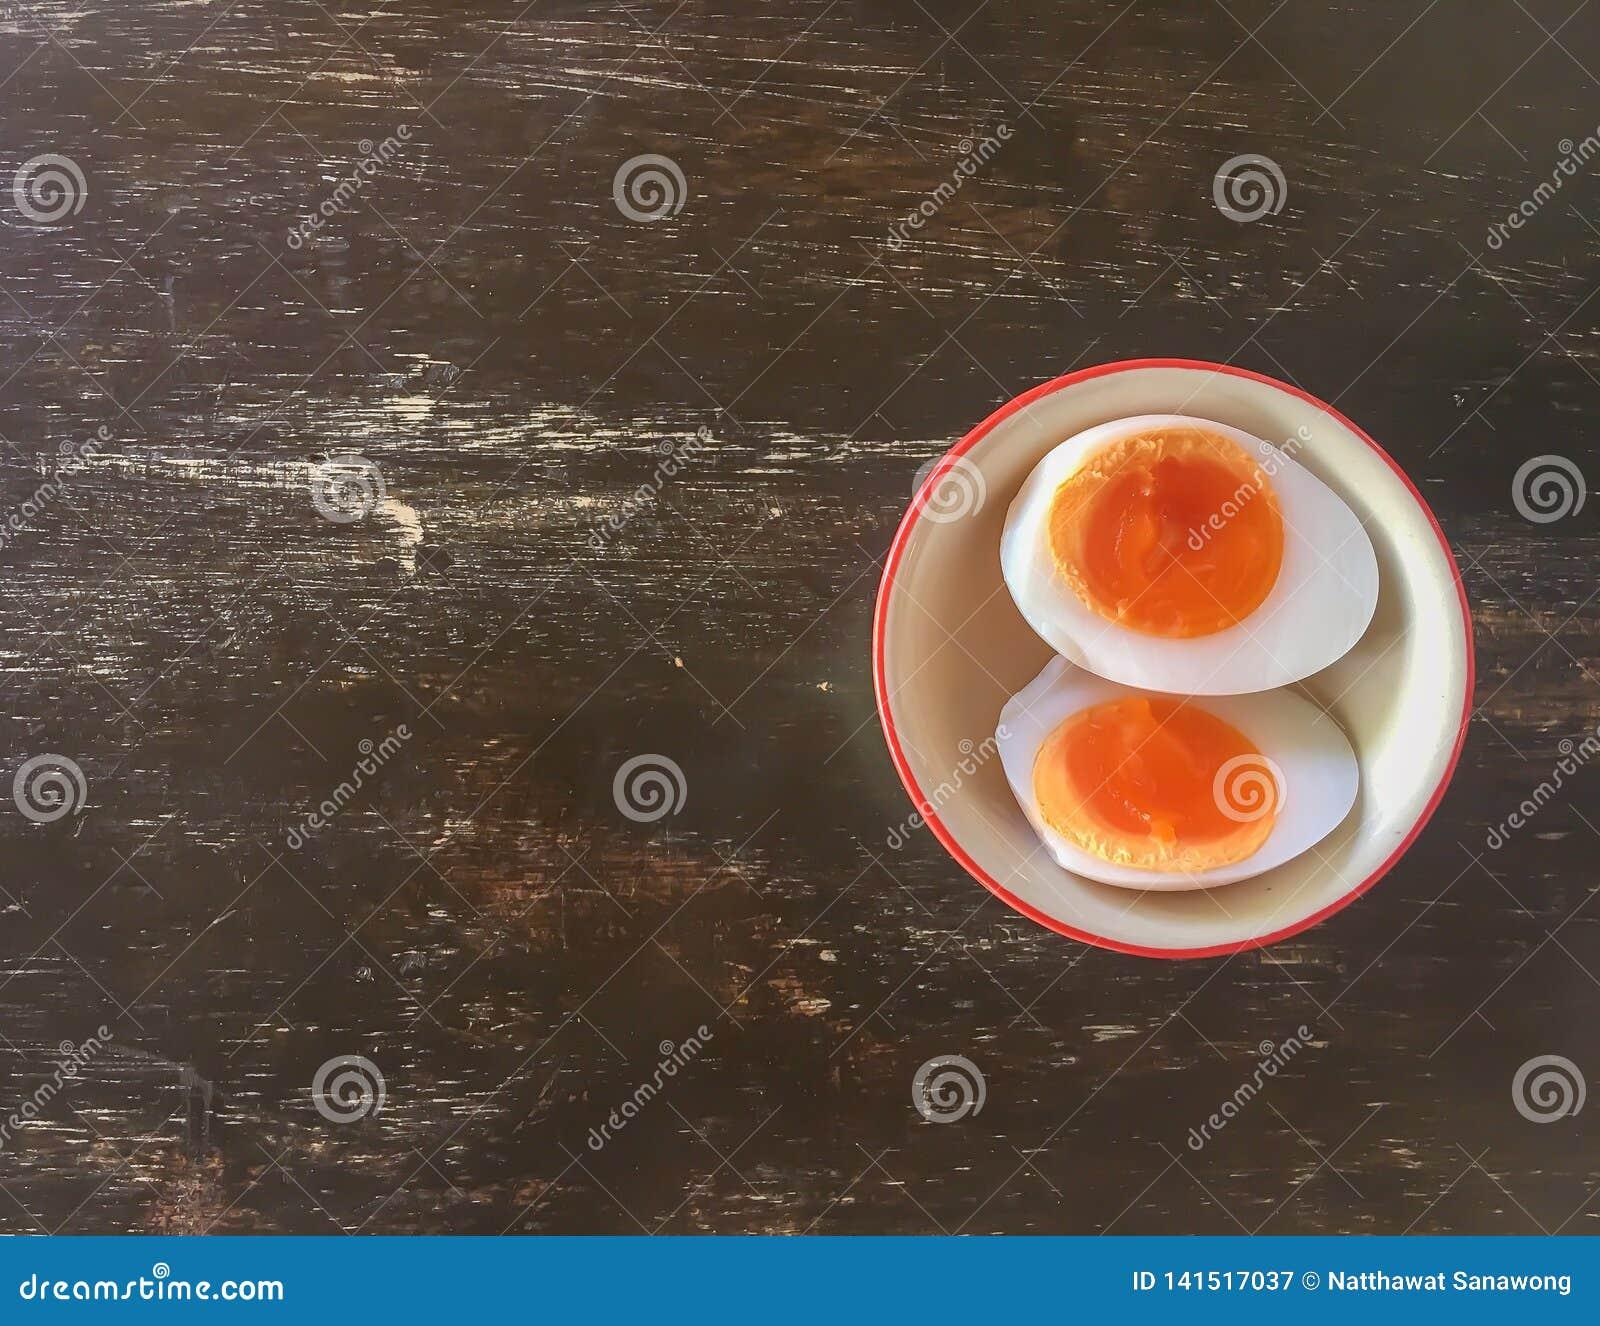 Los huevos hervidos se dividen en dos pedazos en una taza en una tabla de madera